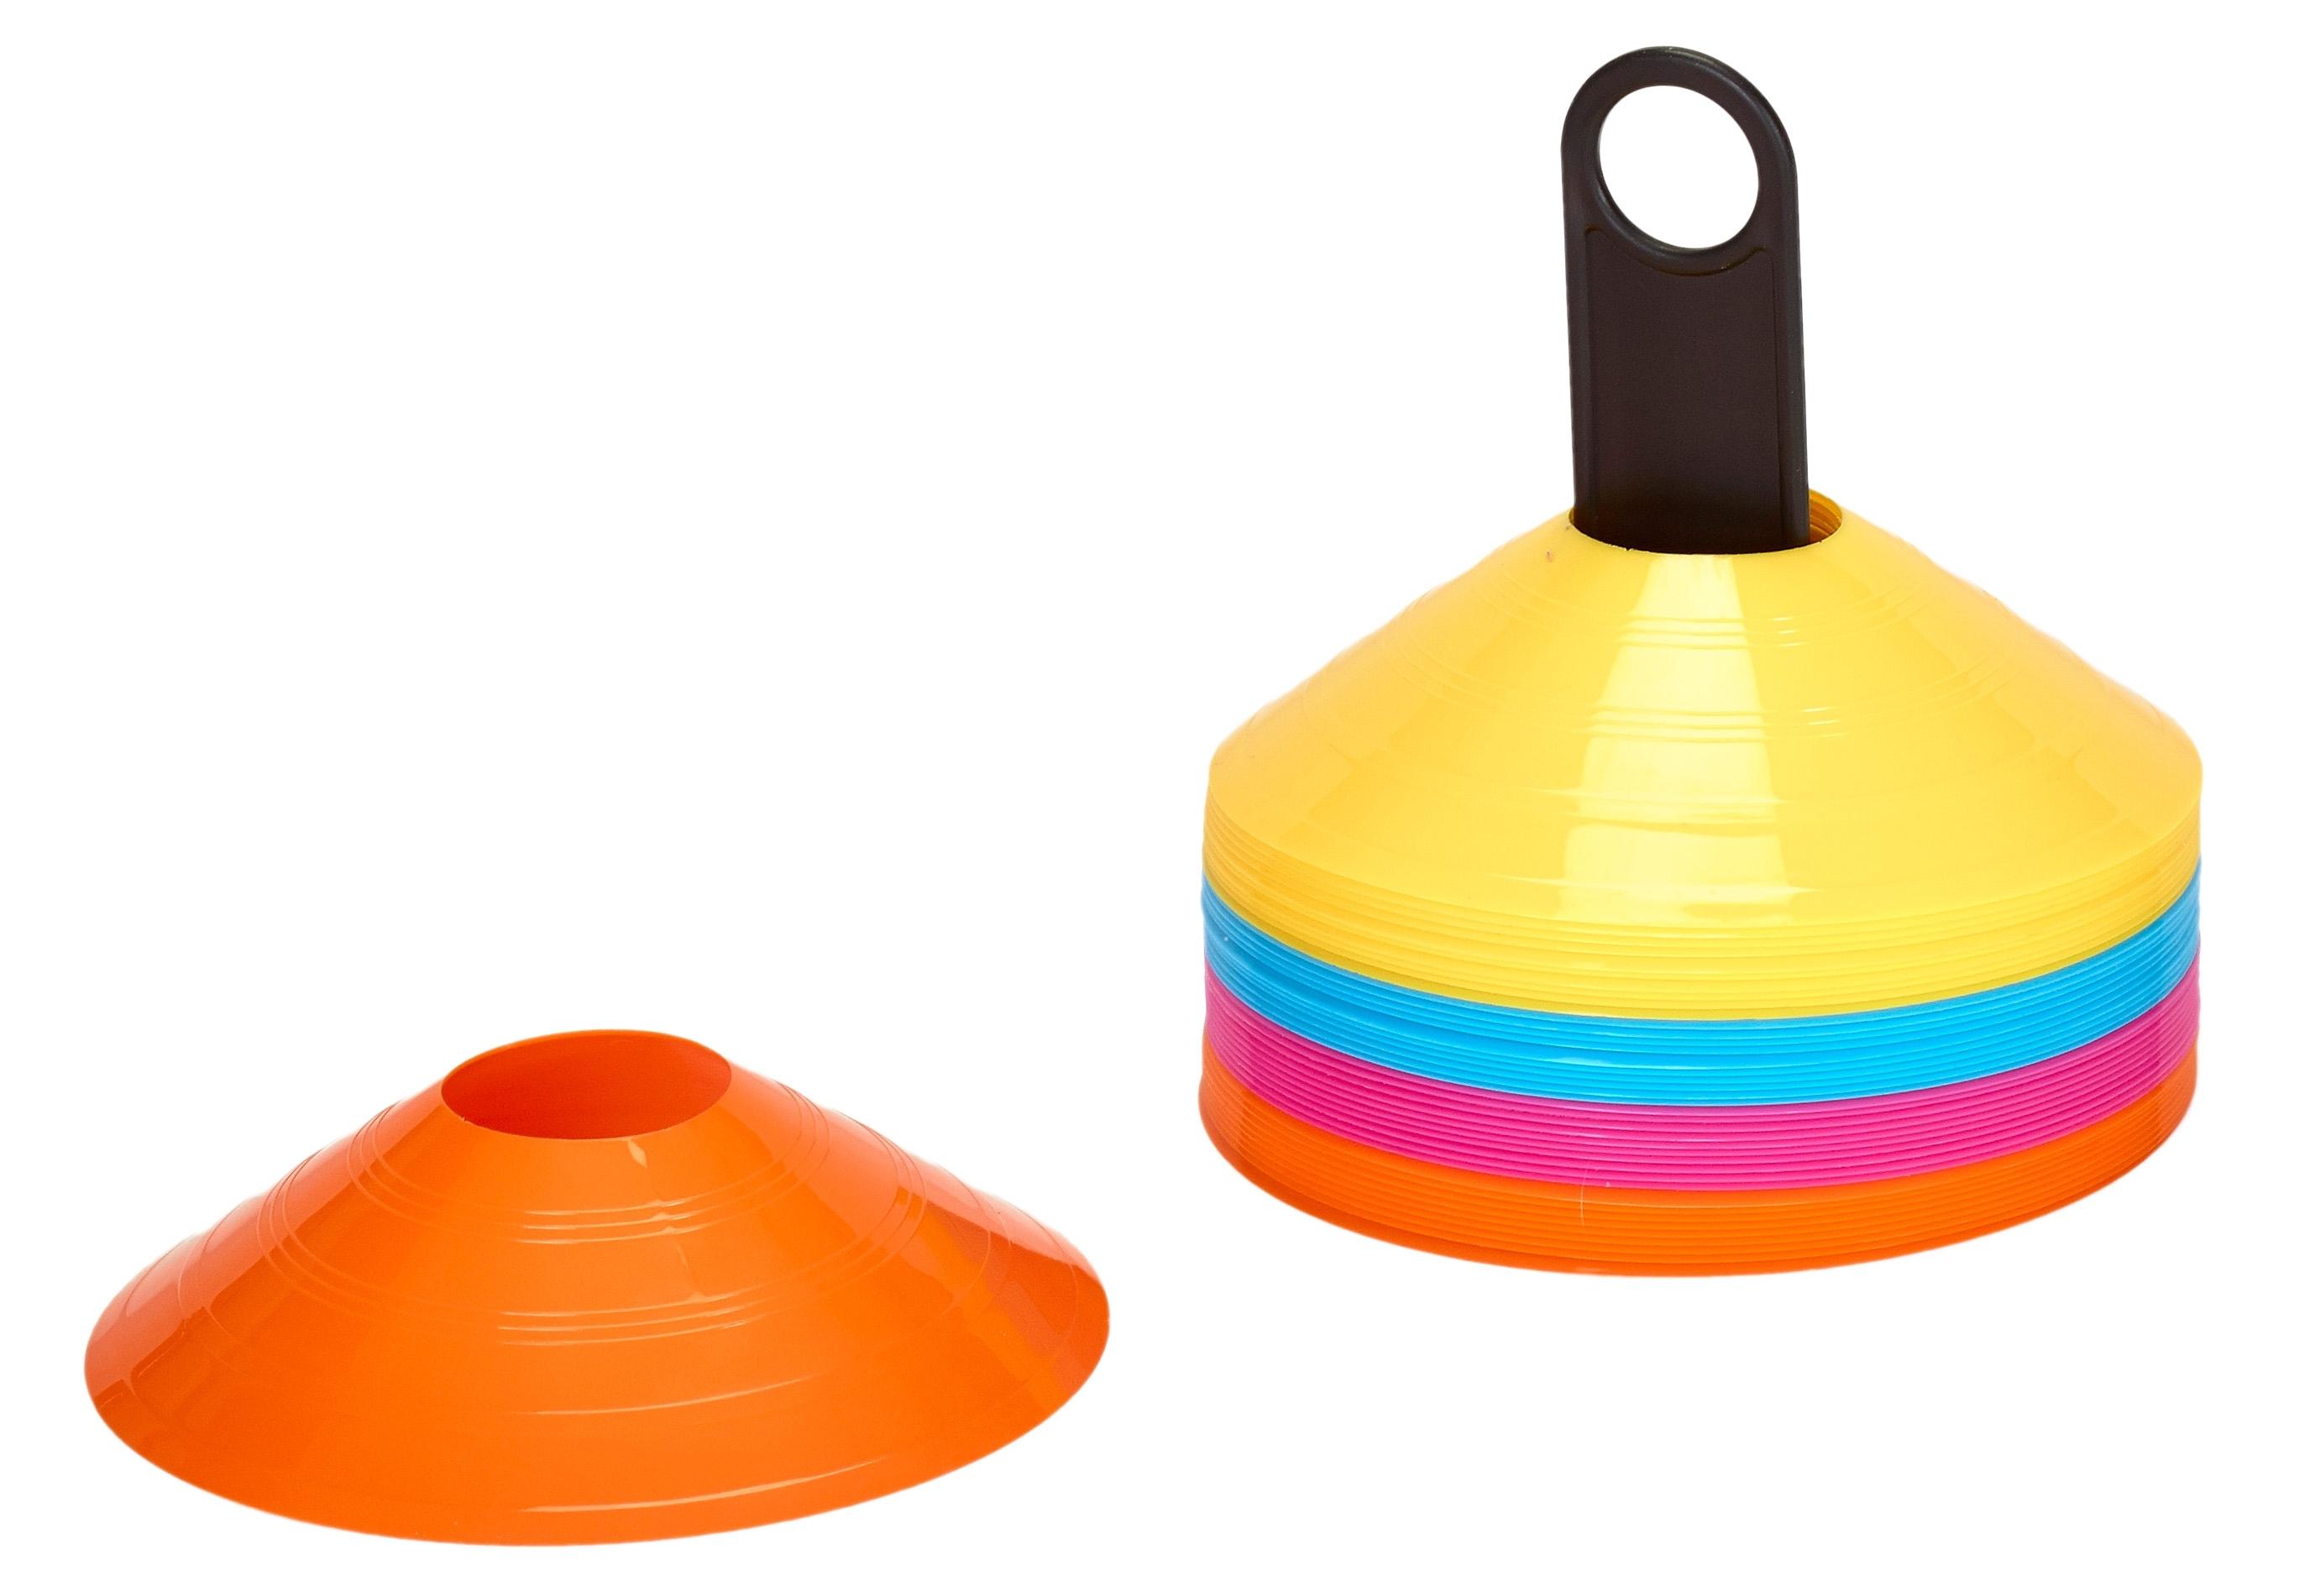 RioFit Rio Fit Markeringshoedjes 40 stuks per set in 4 kleuren bij OTTO online kopen